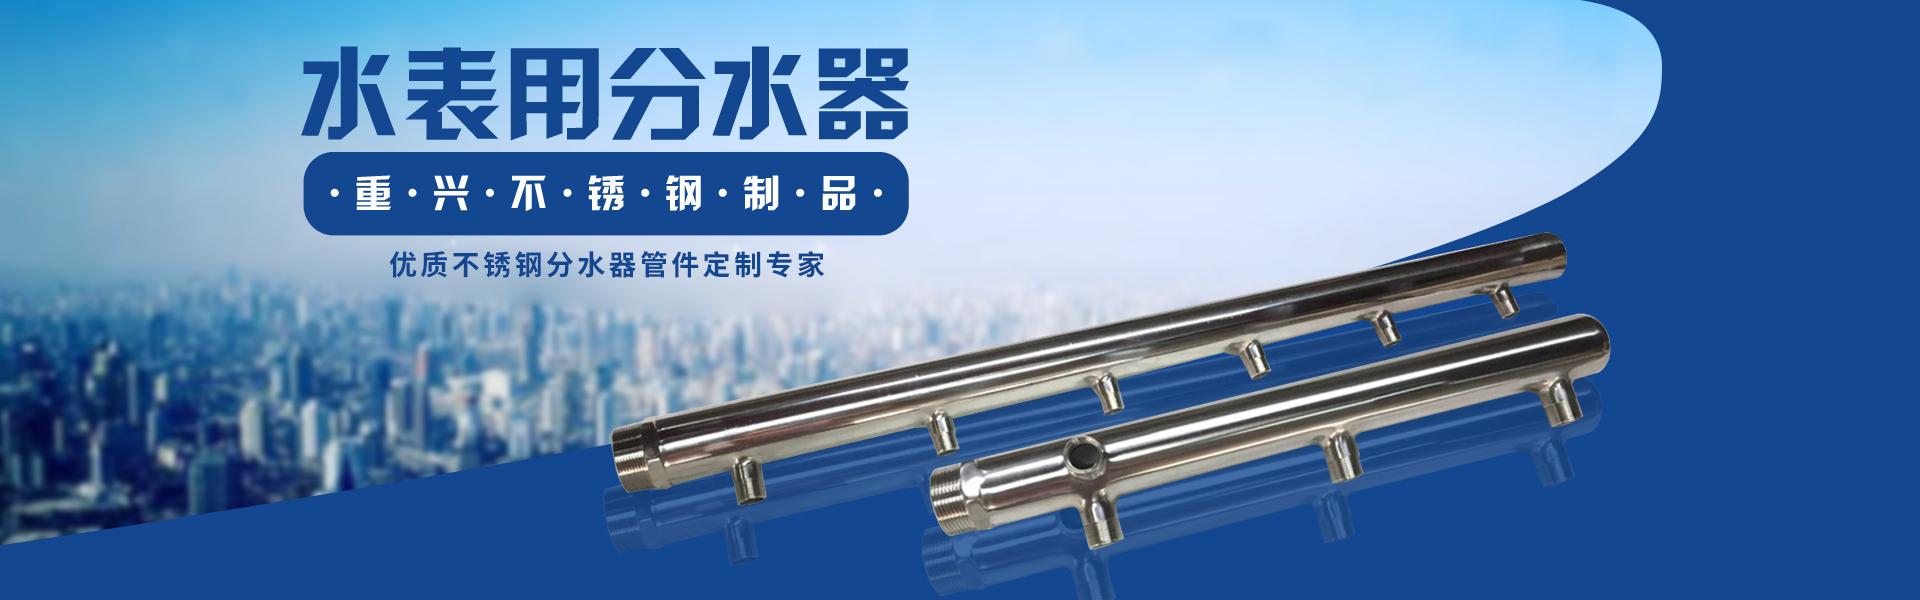 必发娱乐官方网站专业生产www.bifa1122.com,是一家优质无菌不锈钢薄壁卫生管件、阀门生产厂家。